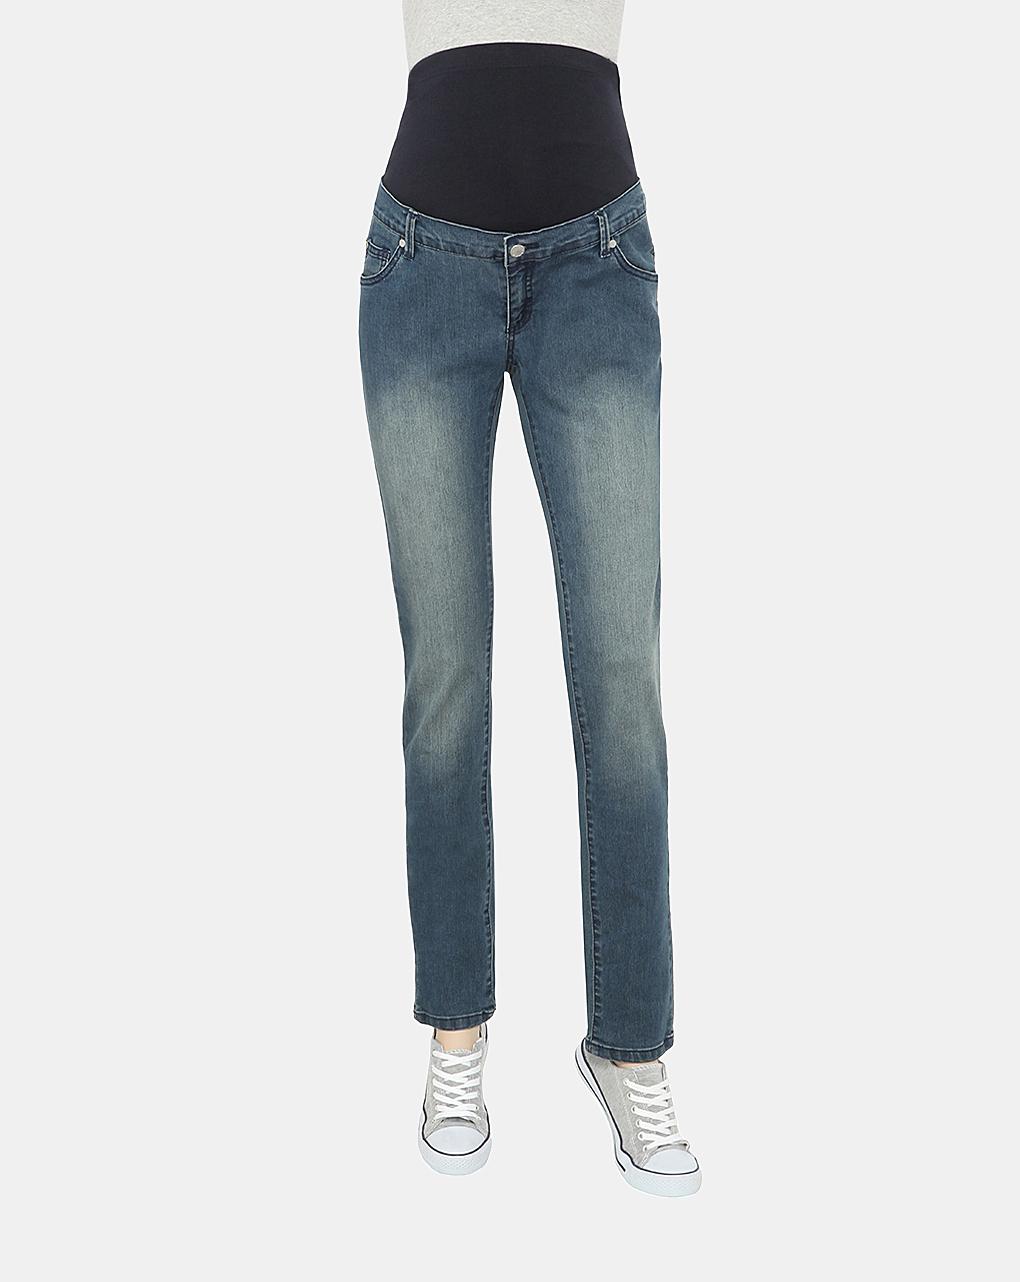 Γυναικείο Παντελόνι Denim Slim Bottom up